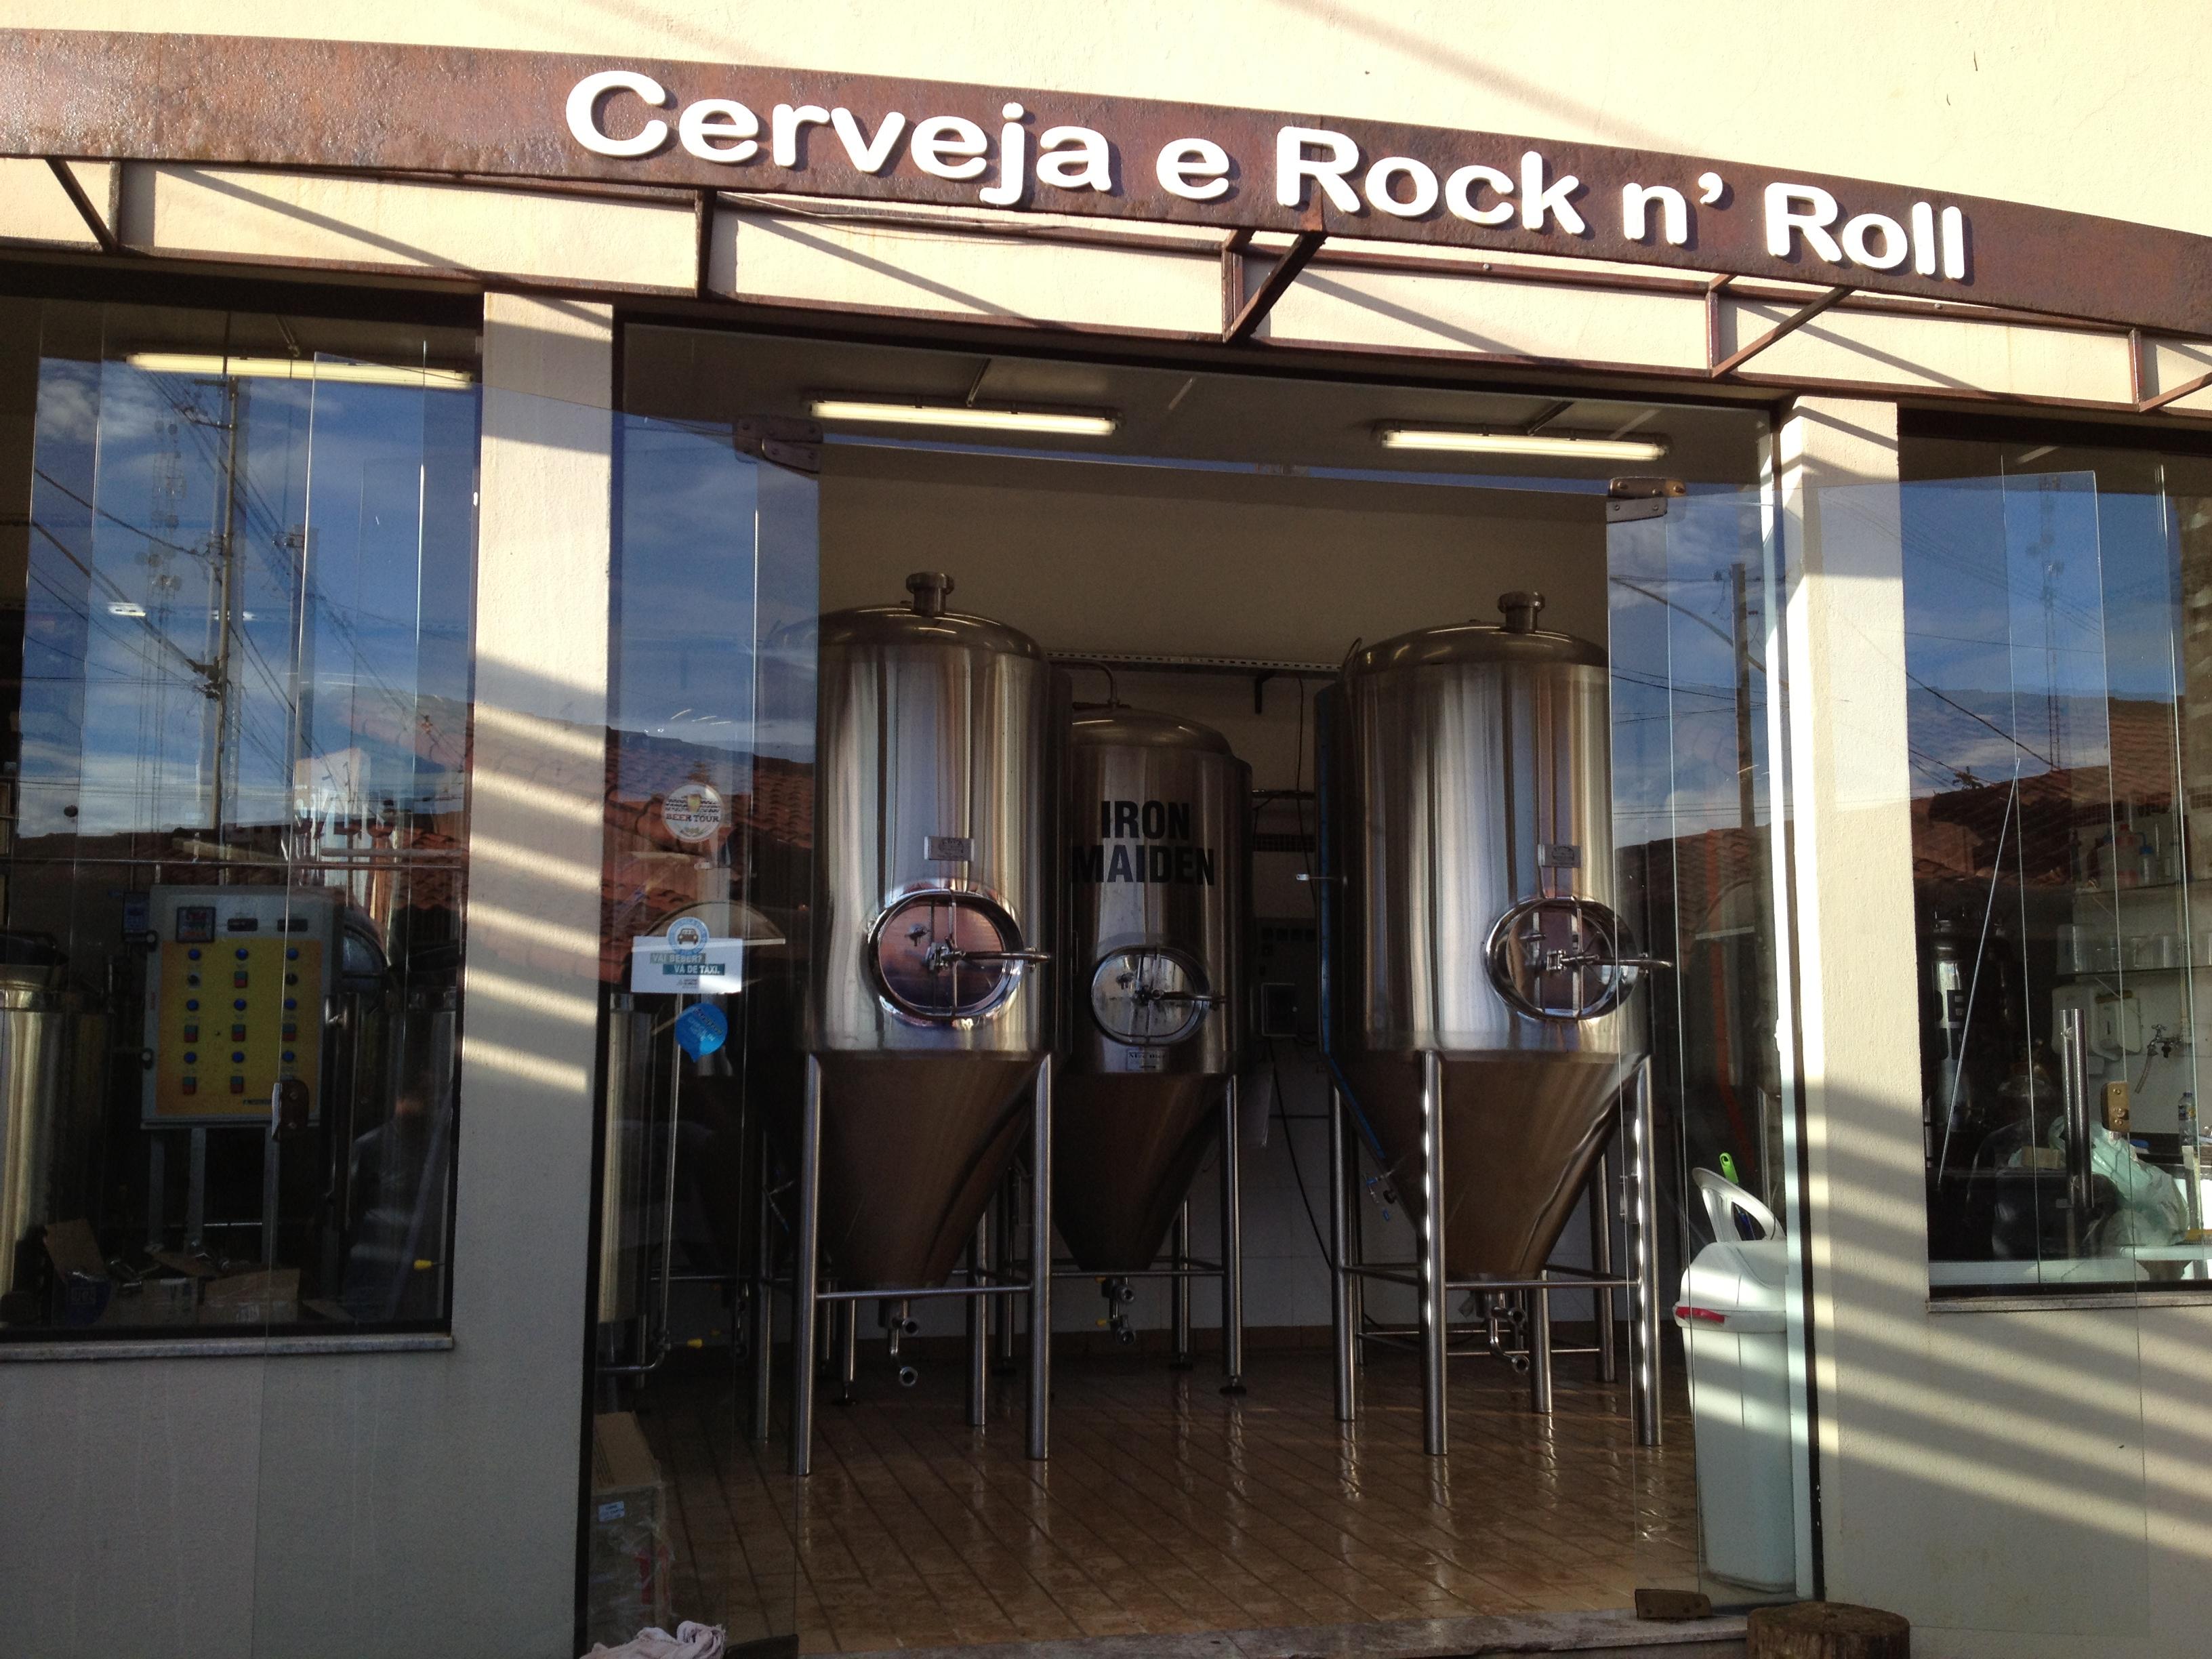 Cerveja e Rock n' roll